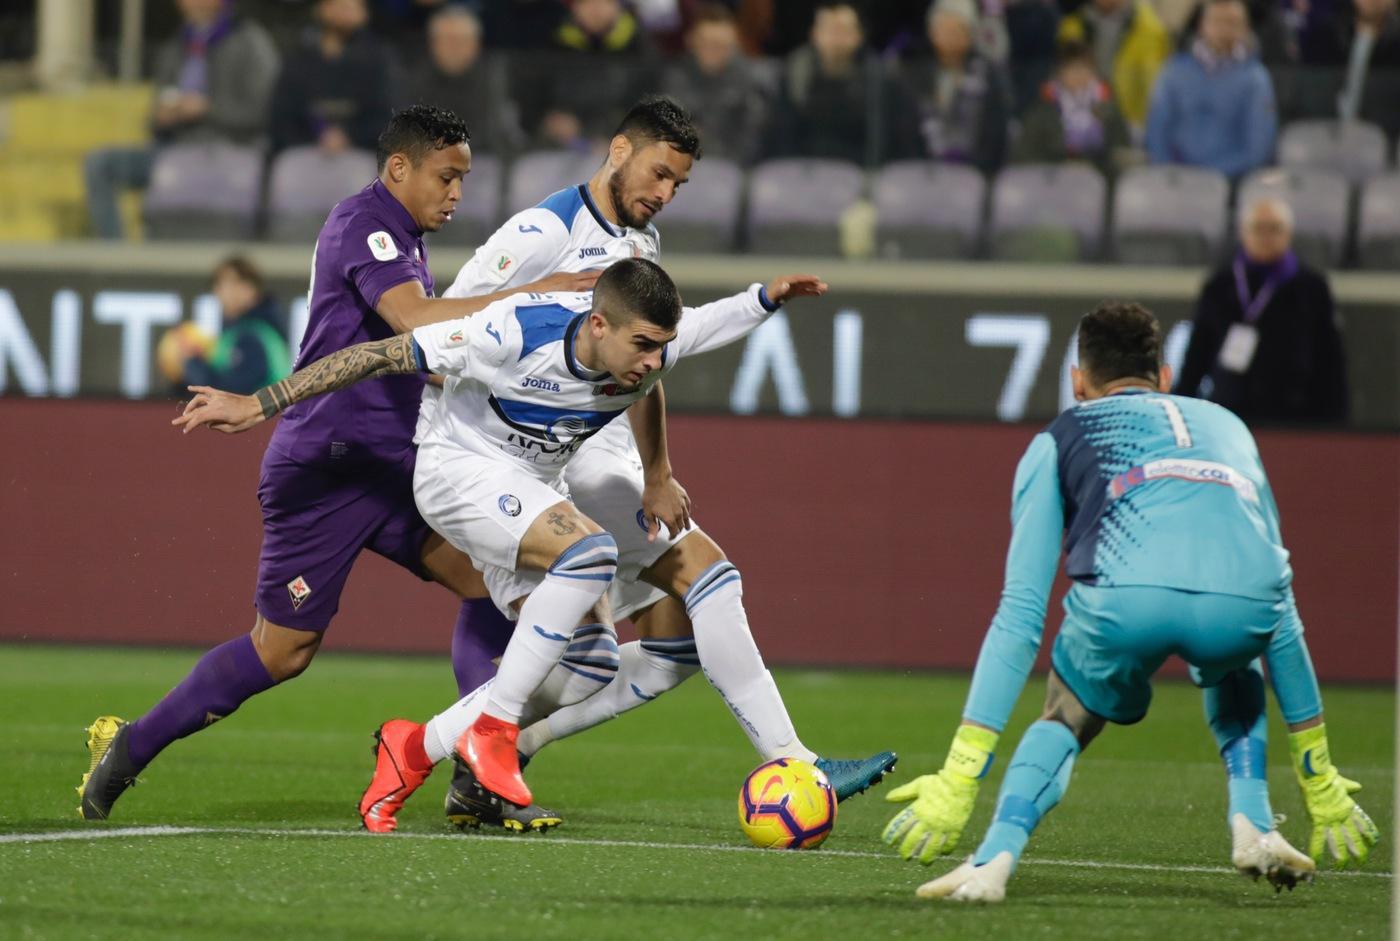 Coppa Italia, semifinale-show al Franchi: Fiorentina-Atalanta 3-3